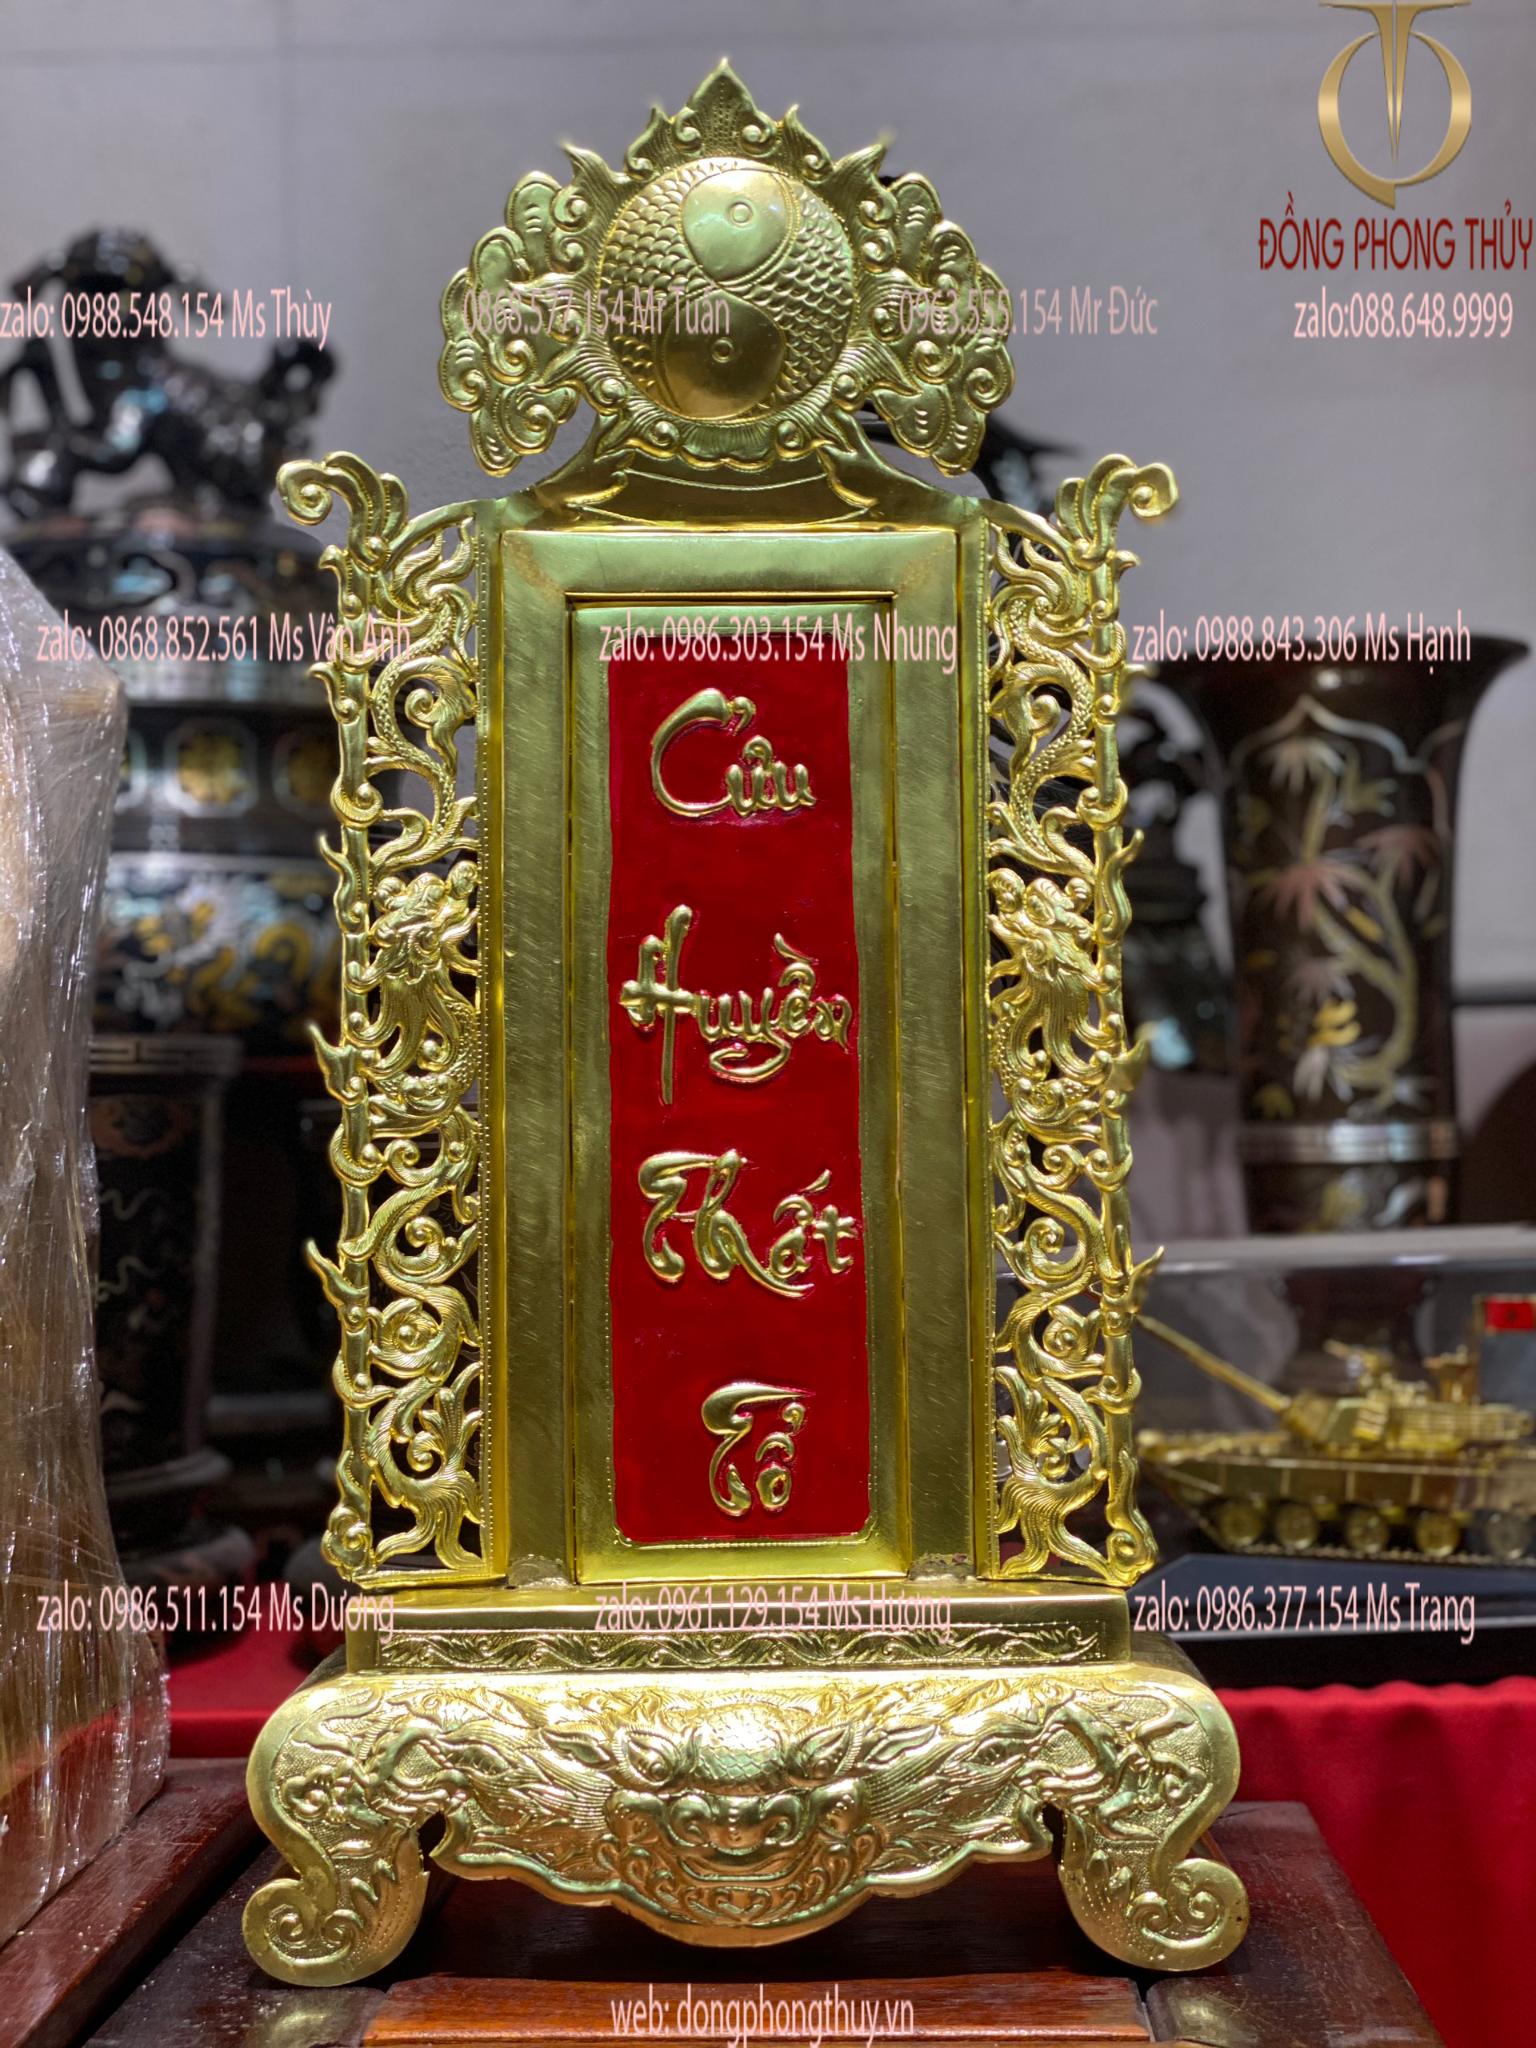 Bài vị thờ bằng đồng Cửu Huyền Thất Tổ cao 48, ngang 24, sâu 9 nặng 1kg